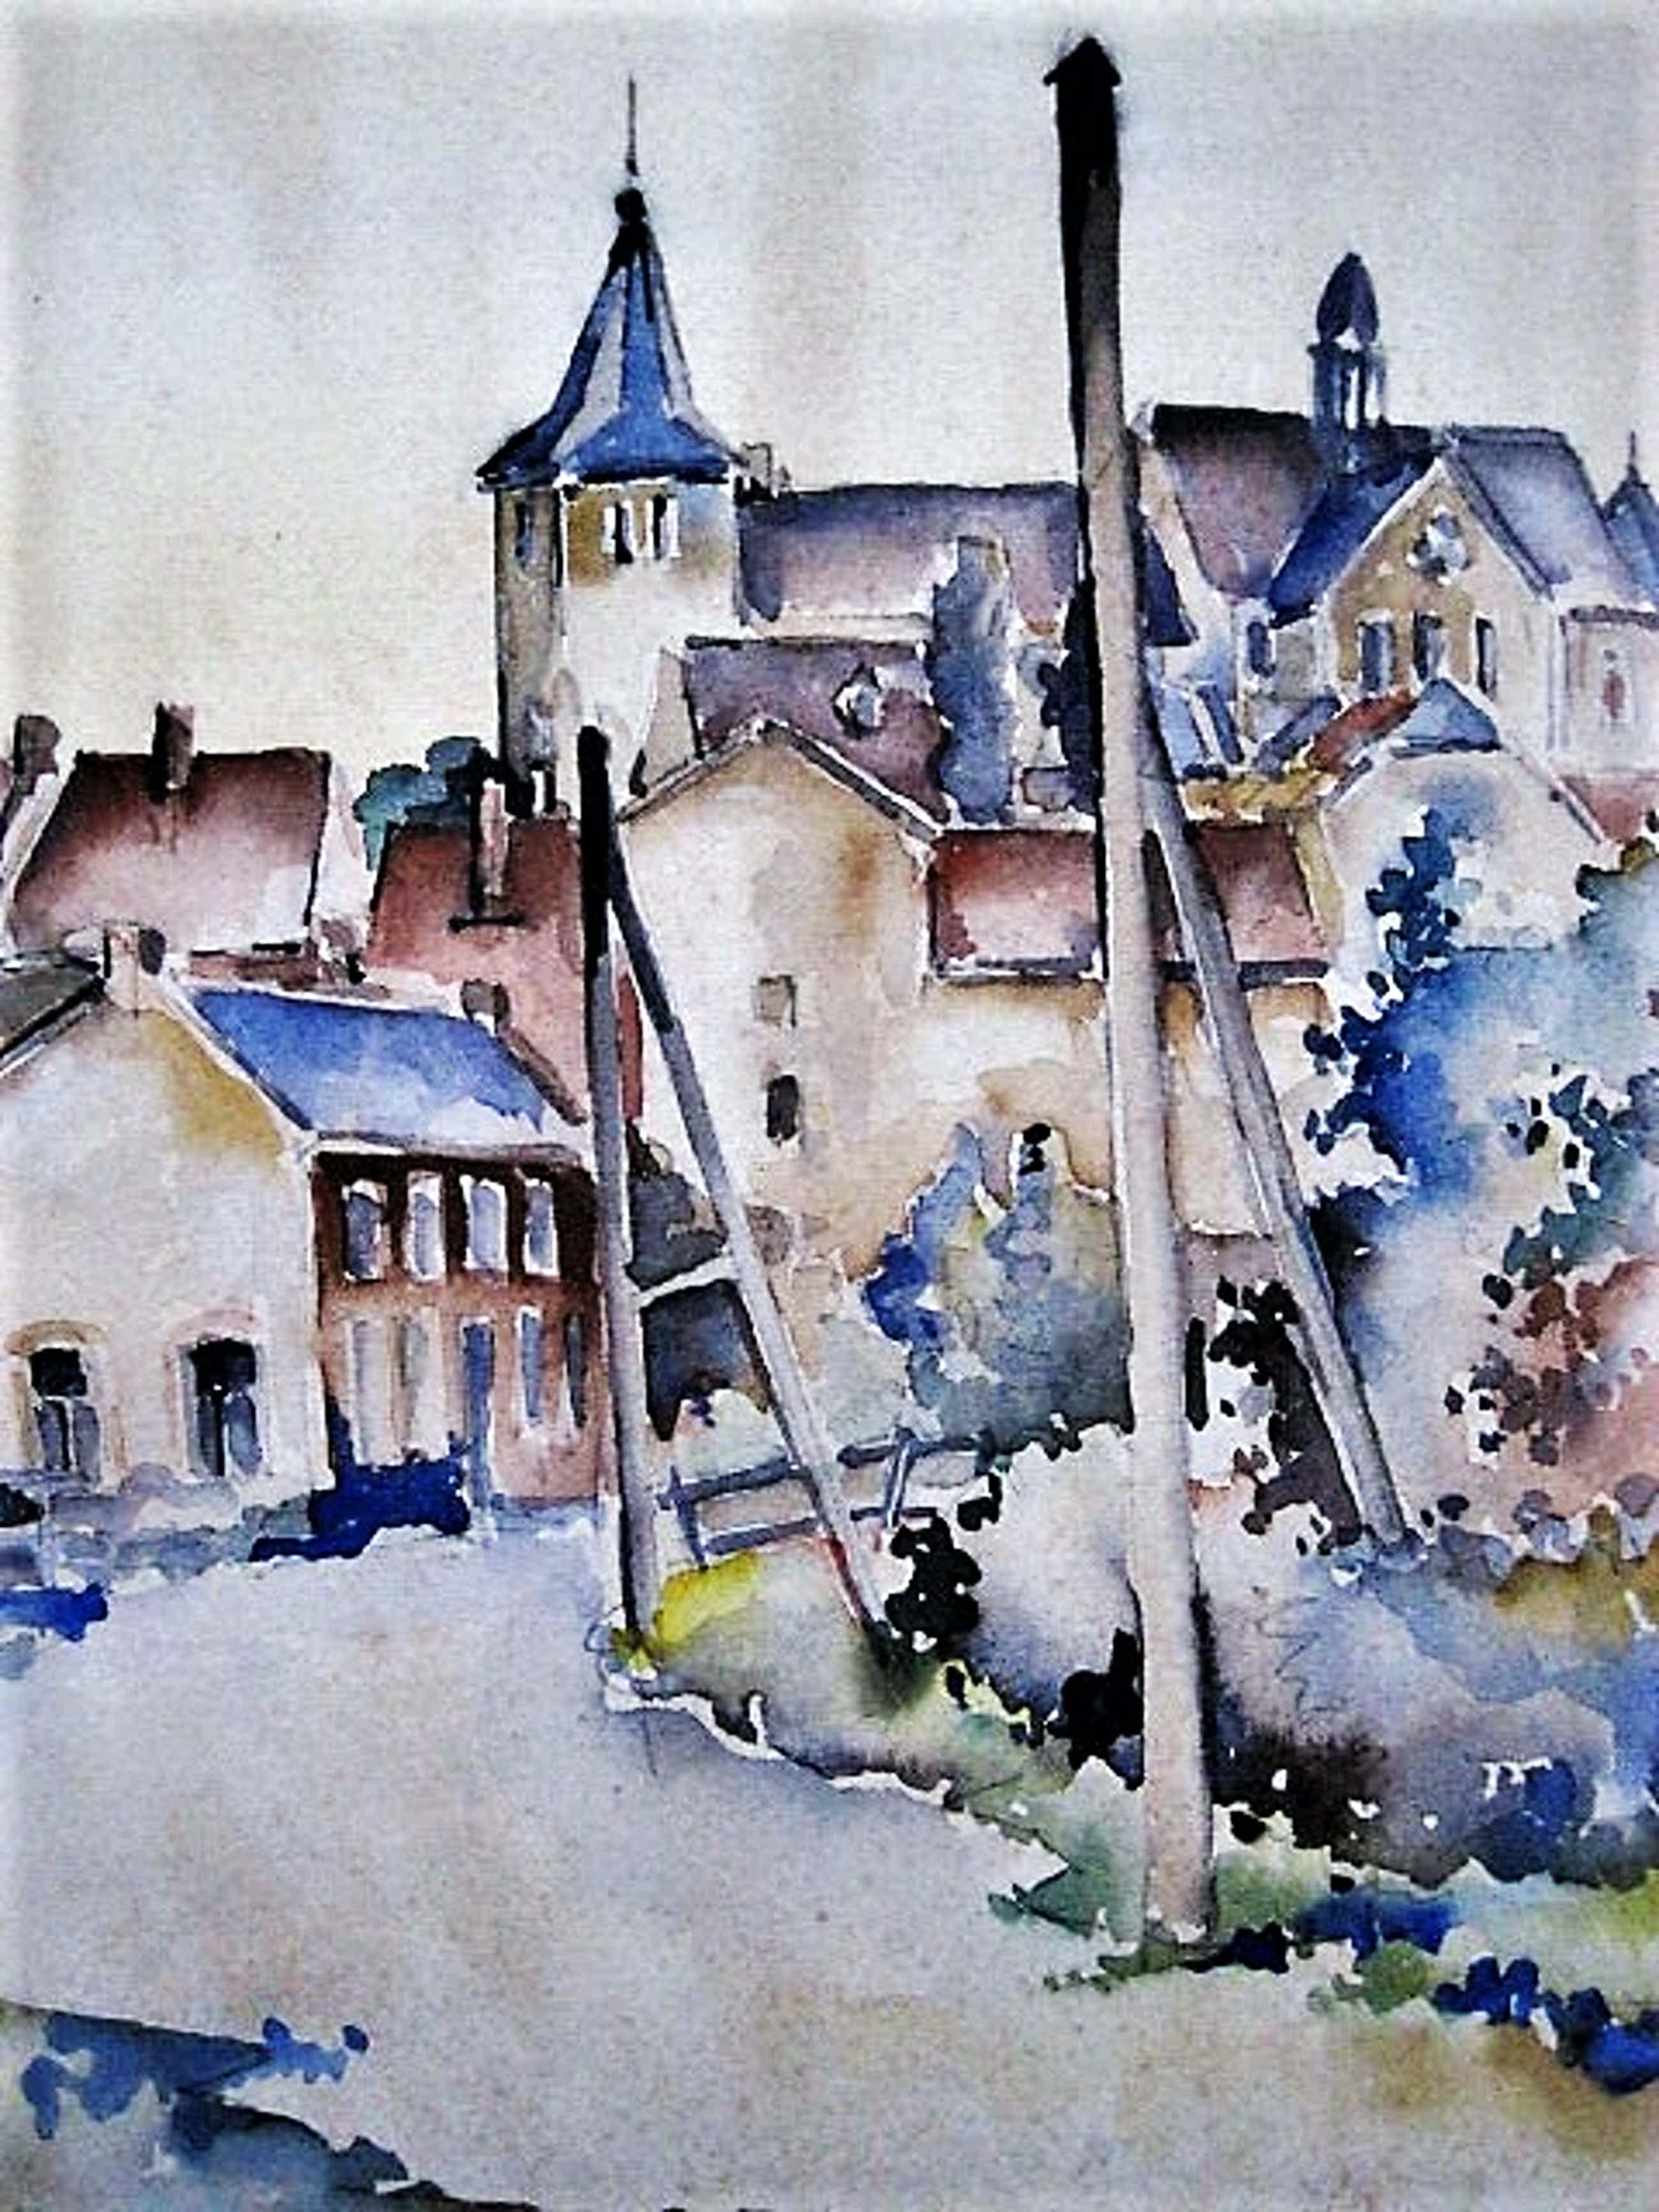 Jan Homan - omstreeks 1950 geschilderd Aquarel - Dorpsgezicht Staphorst(?) - gesigneerd kopen? Bied vanaf 20!